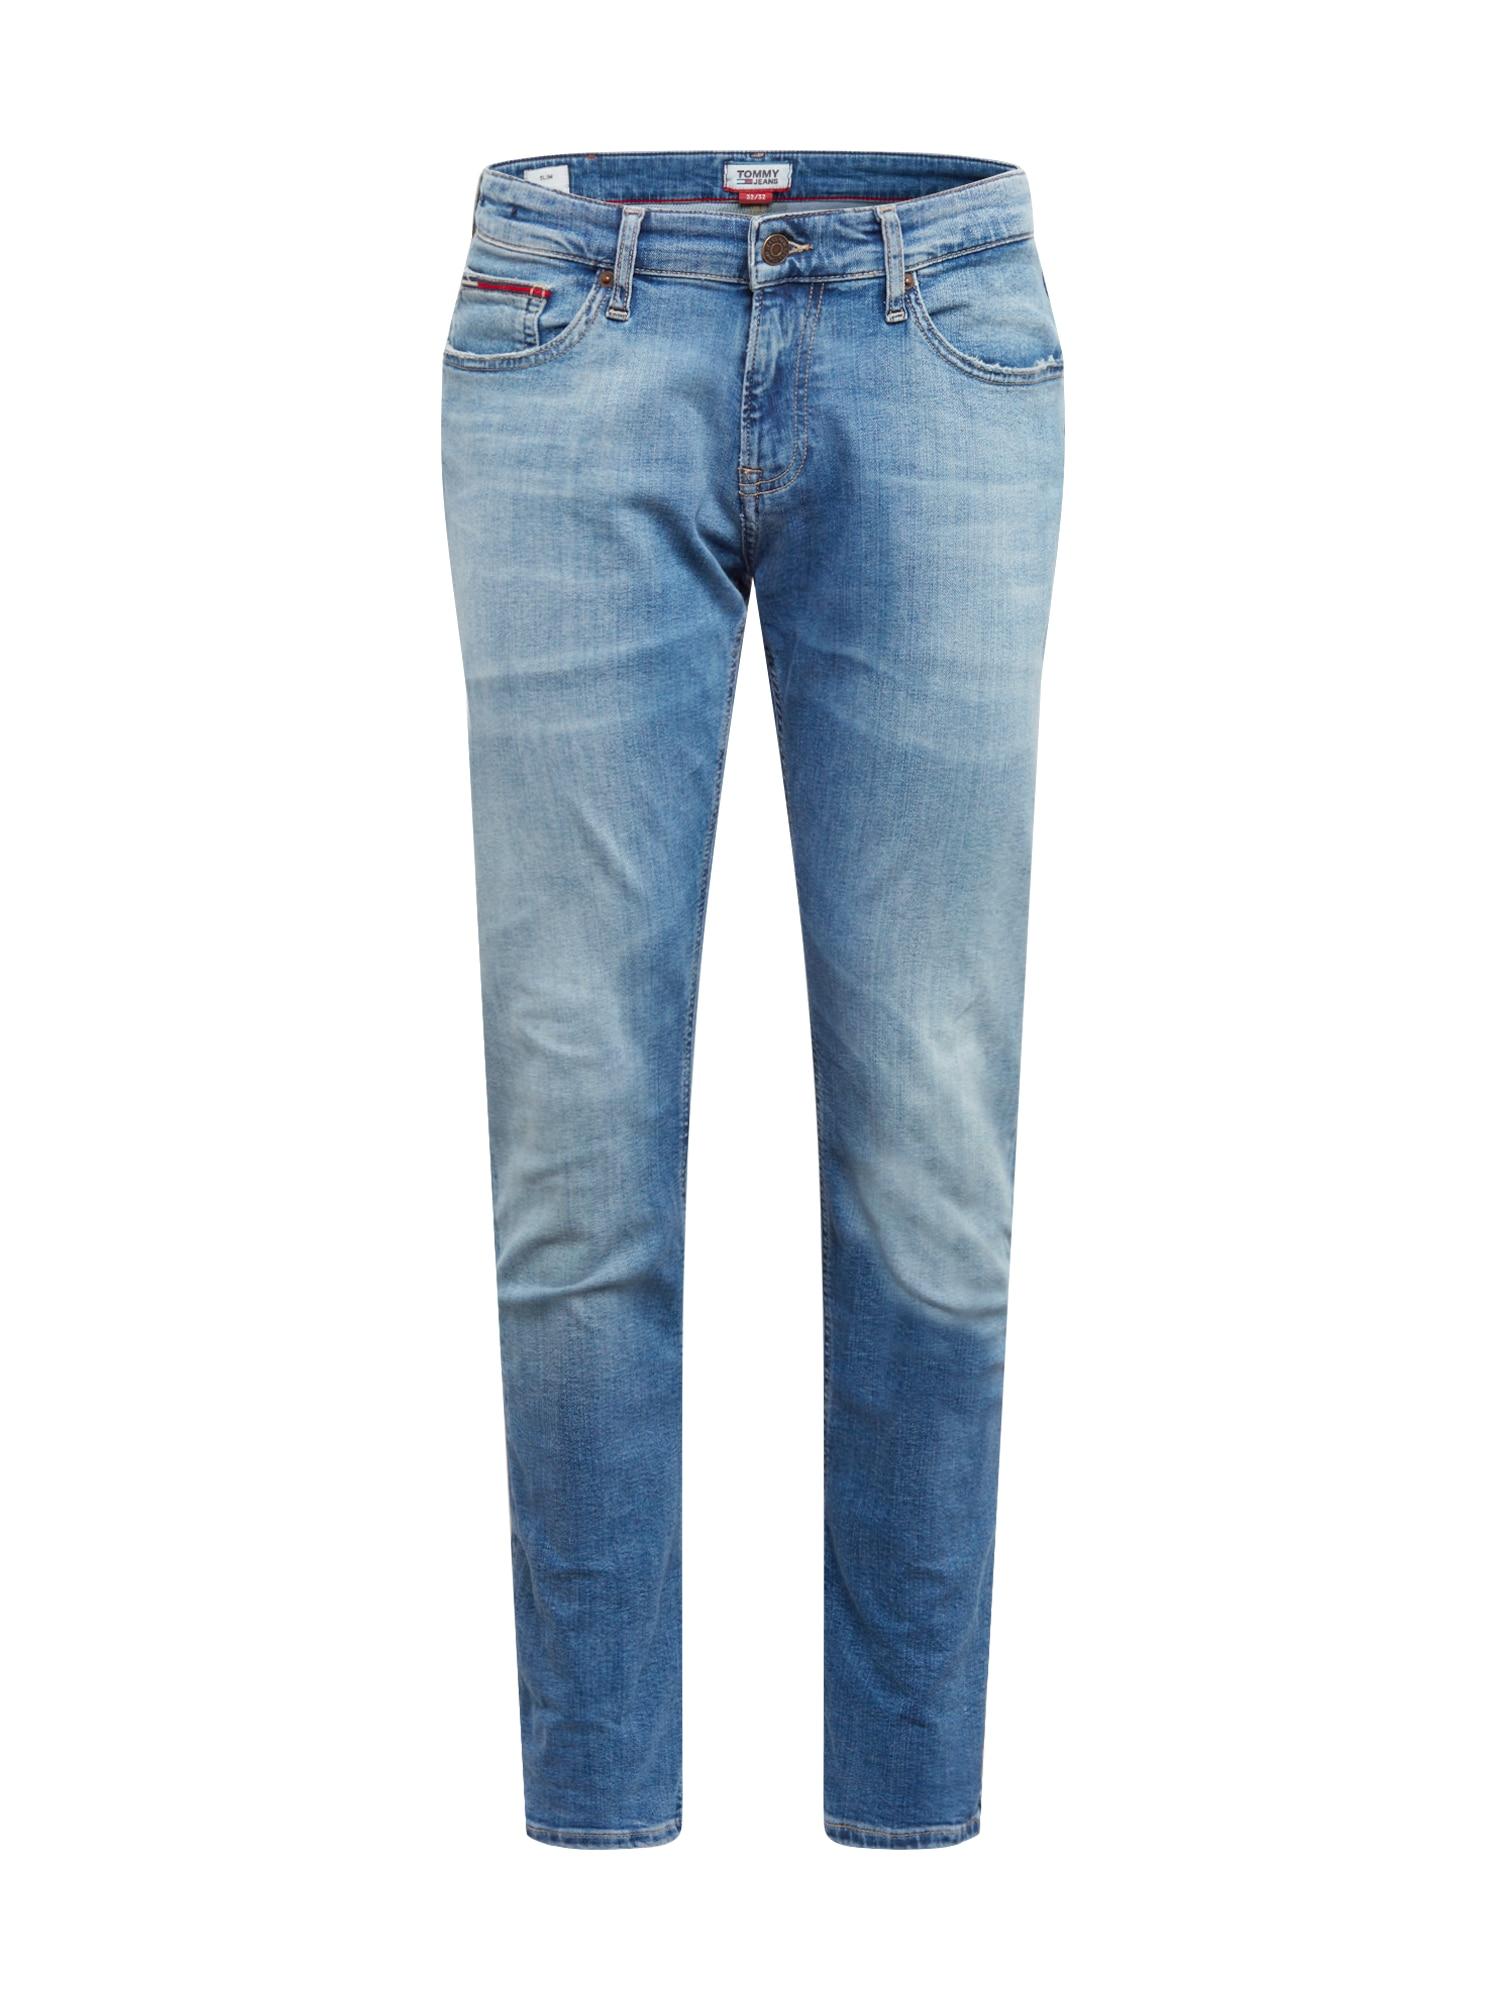 Tommy Jeans Džínsy 'SCANTON'  modrá denim